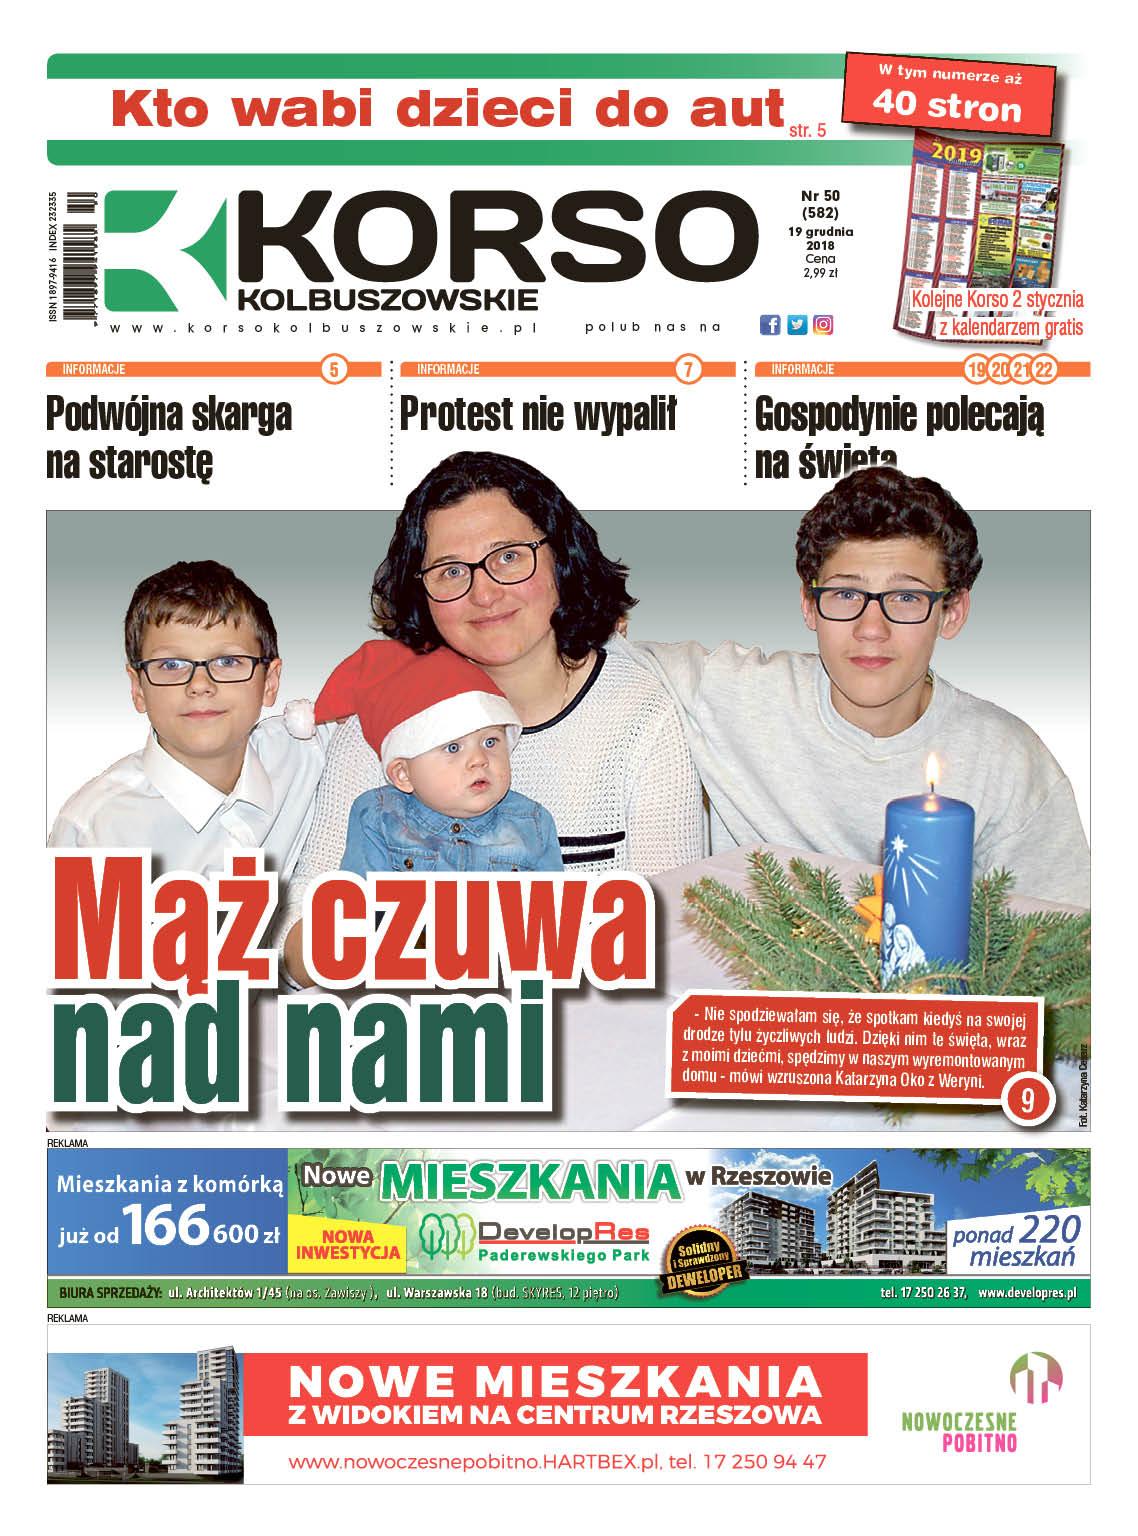 Korso Kolbuszowskie - nr 50/2018 - Zdjęcie główne